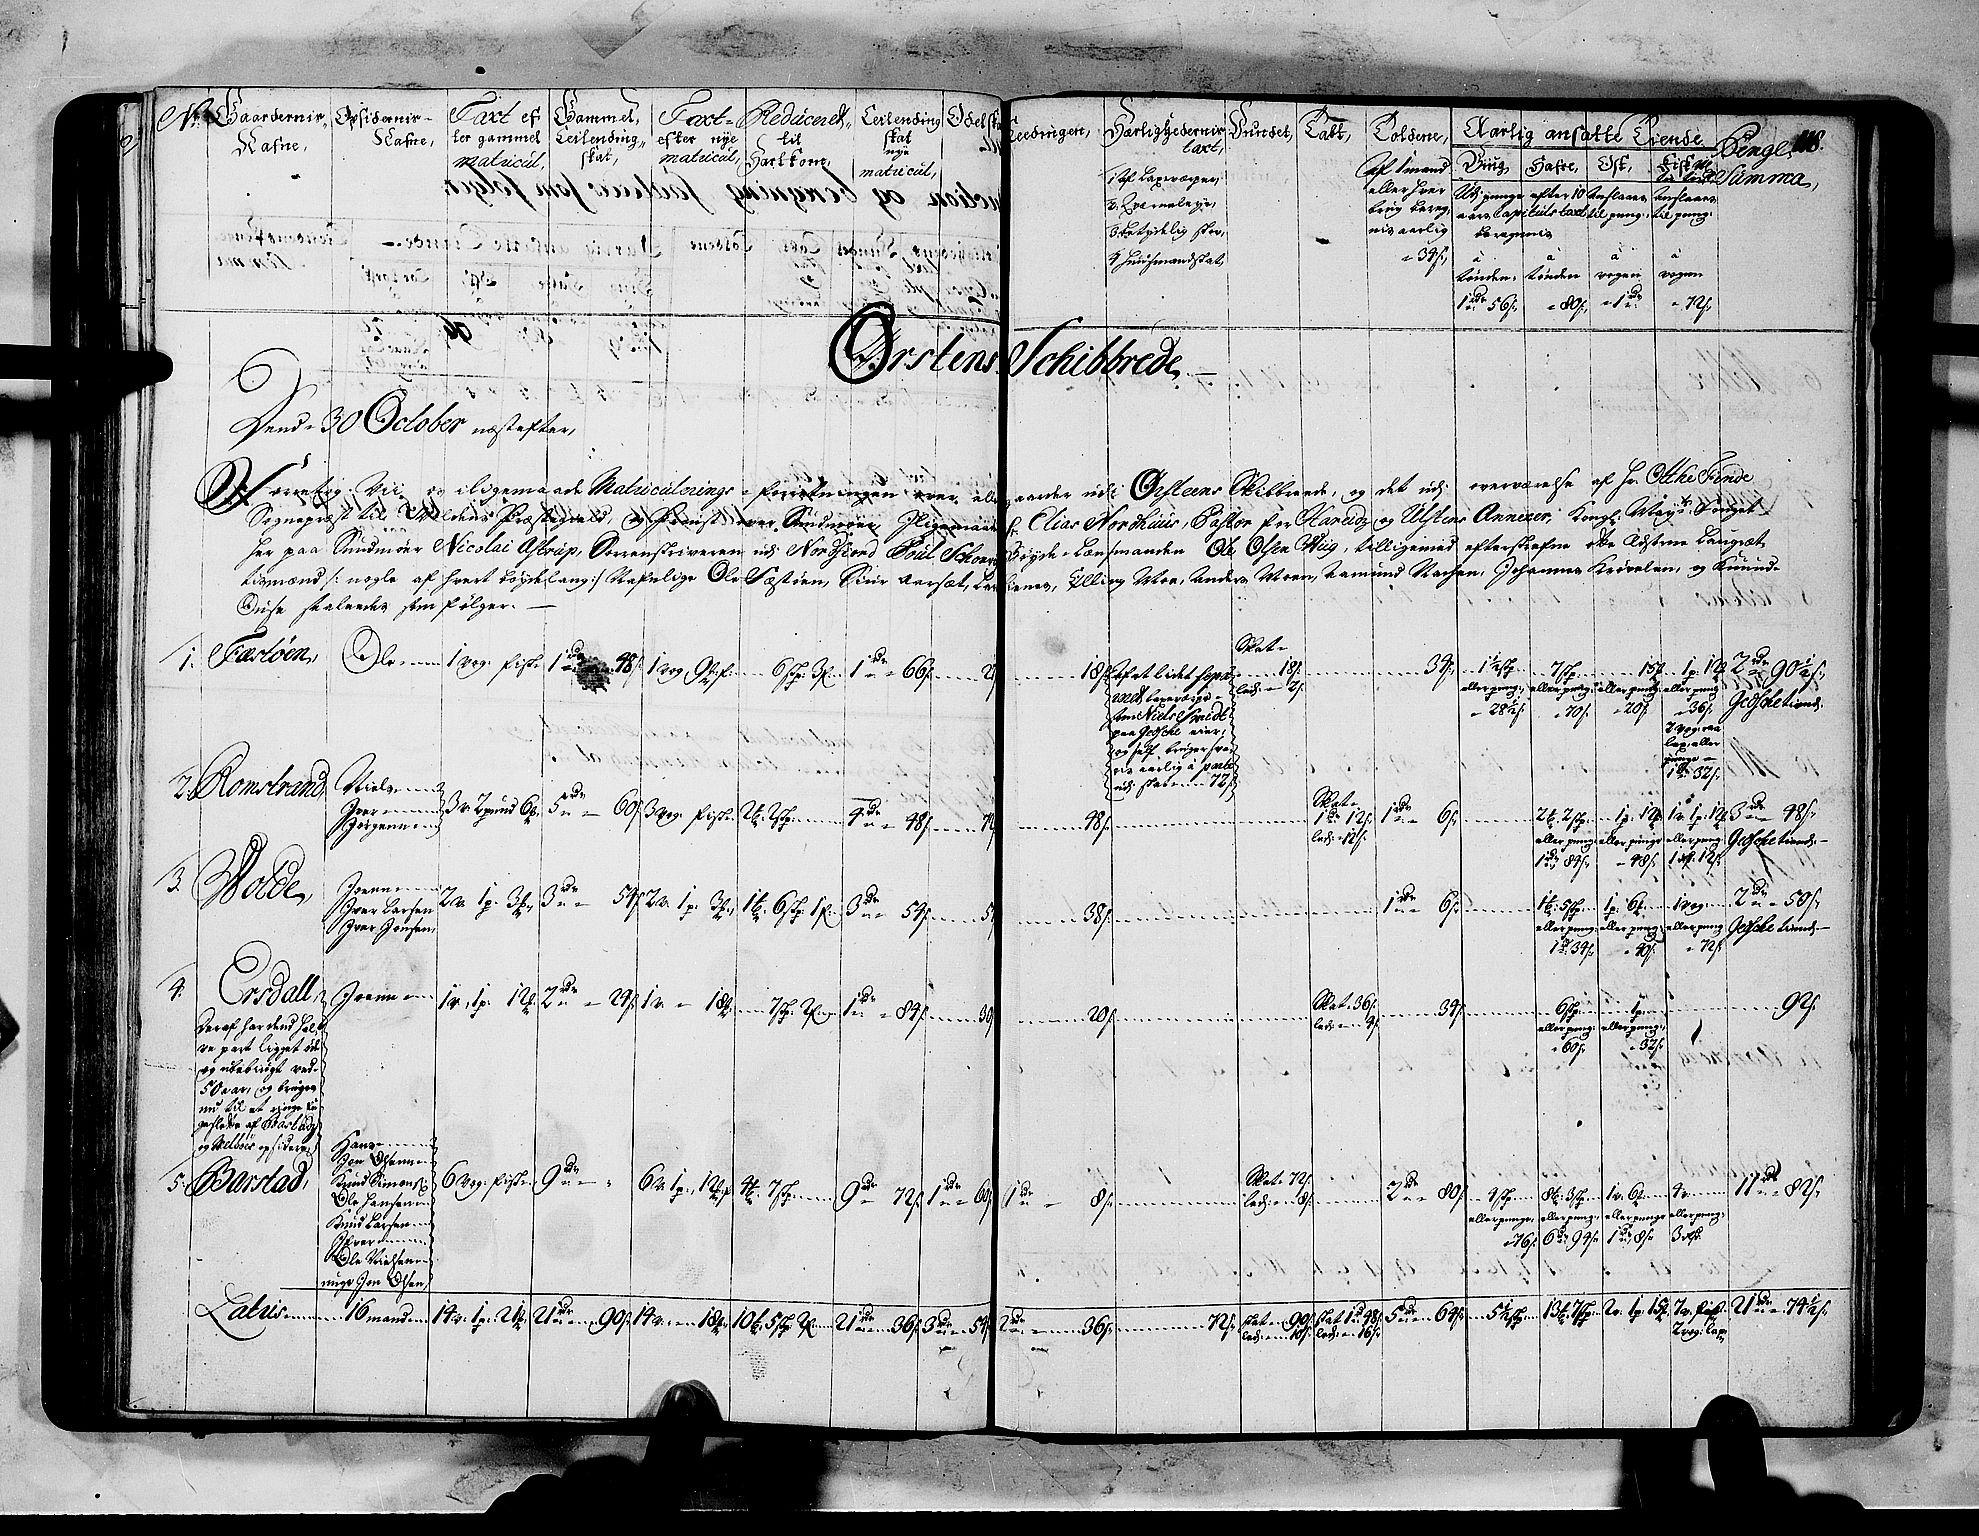 RA, Rentekammeret inntil 1814, Realistisk ordnet avdeling, N/Nb/Nbf/L0151: Sunnmøre matrikkelprotokoll, 1724, s. 117b-118a